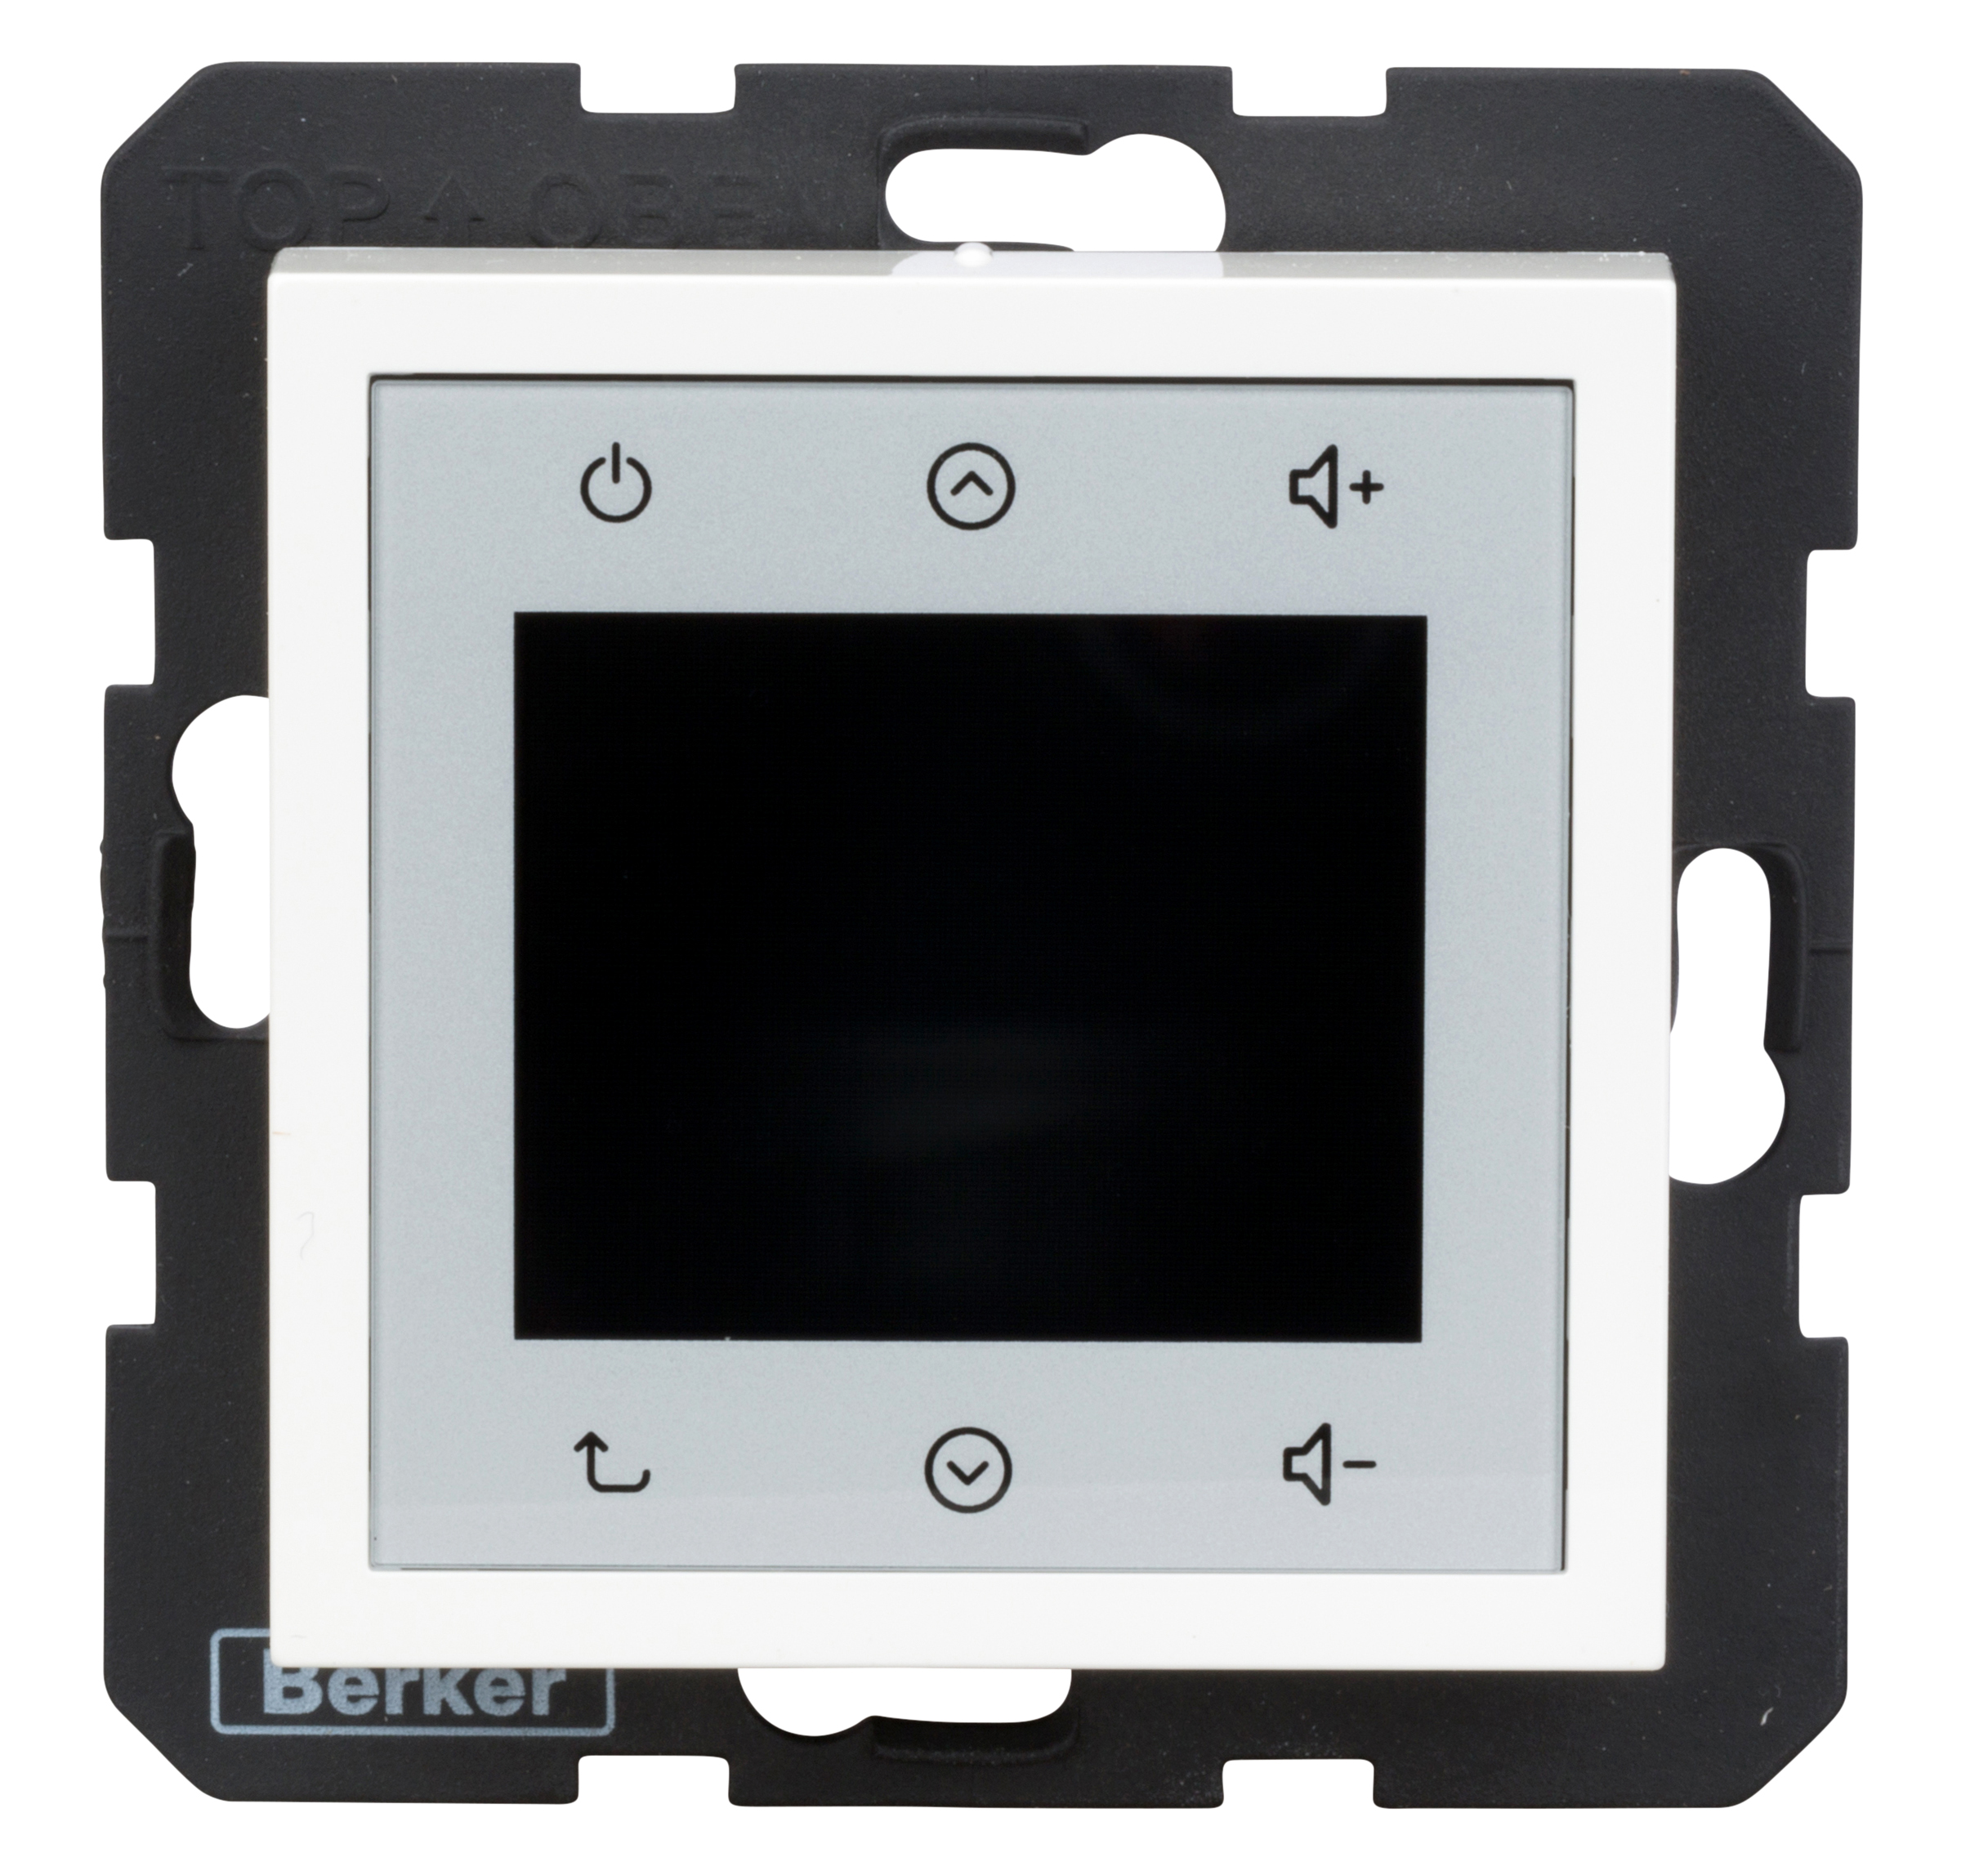 1 Stk UP Radio Touch mit Lautsprecher, polarweiß glänzend EV28808989